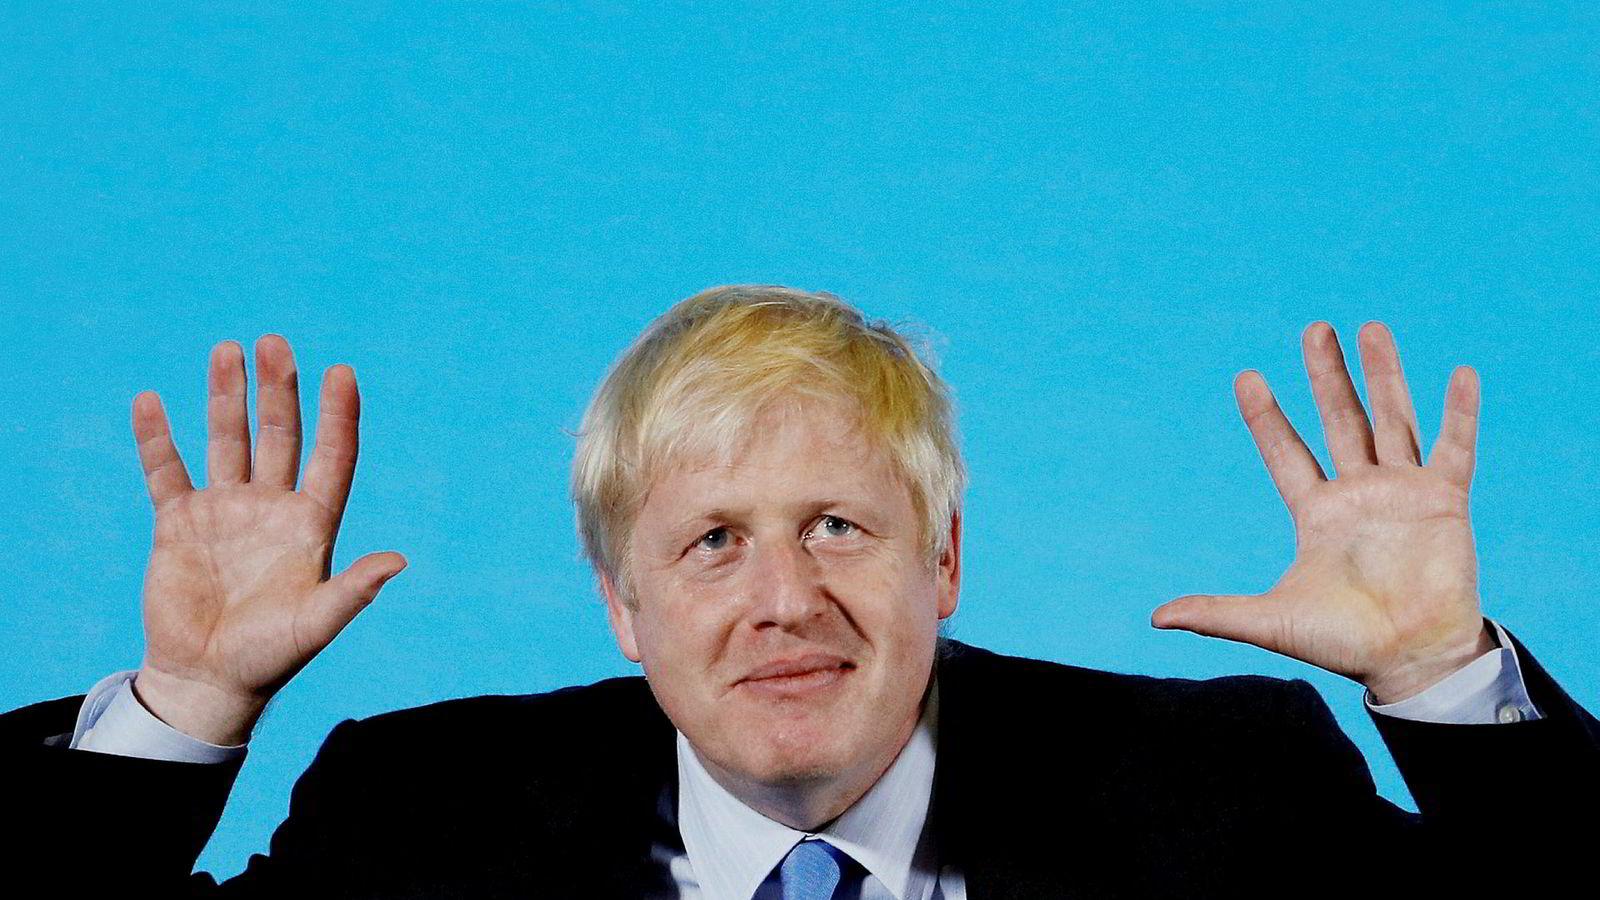 Boris Johnson har sagt at han heller vil bli funnet «død i en grøft» enn å be EU om enda en brexit-utsettelse.